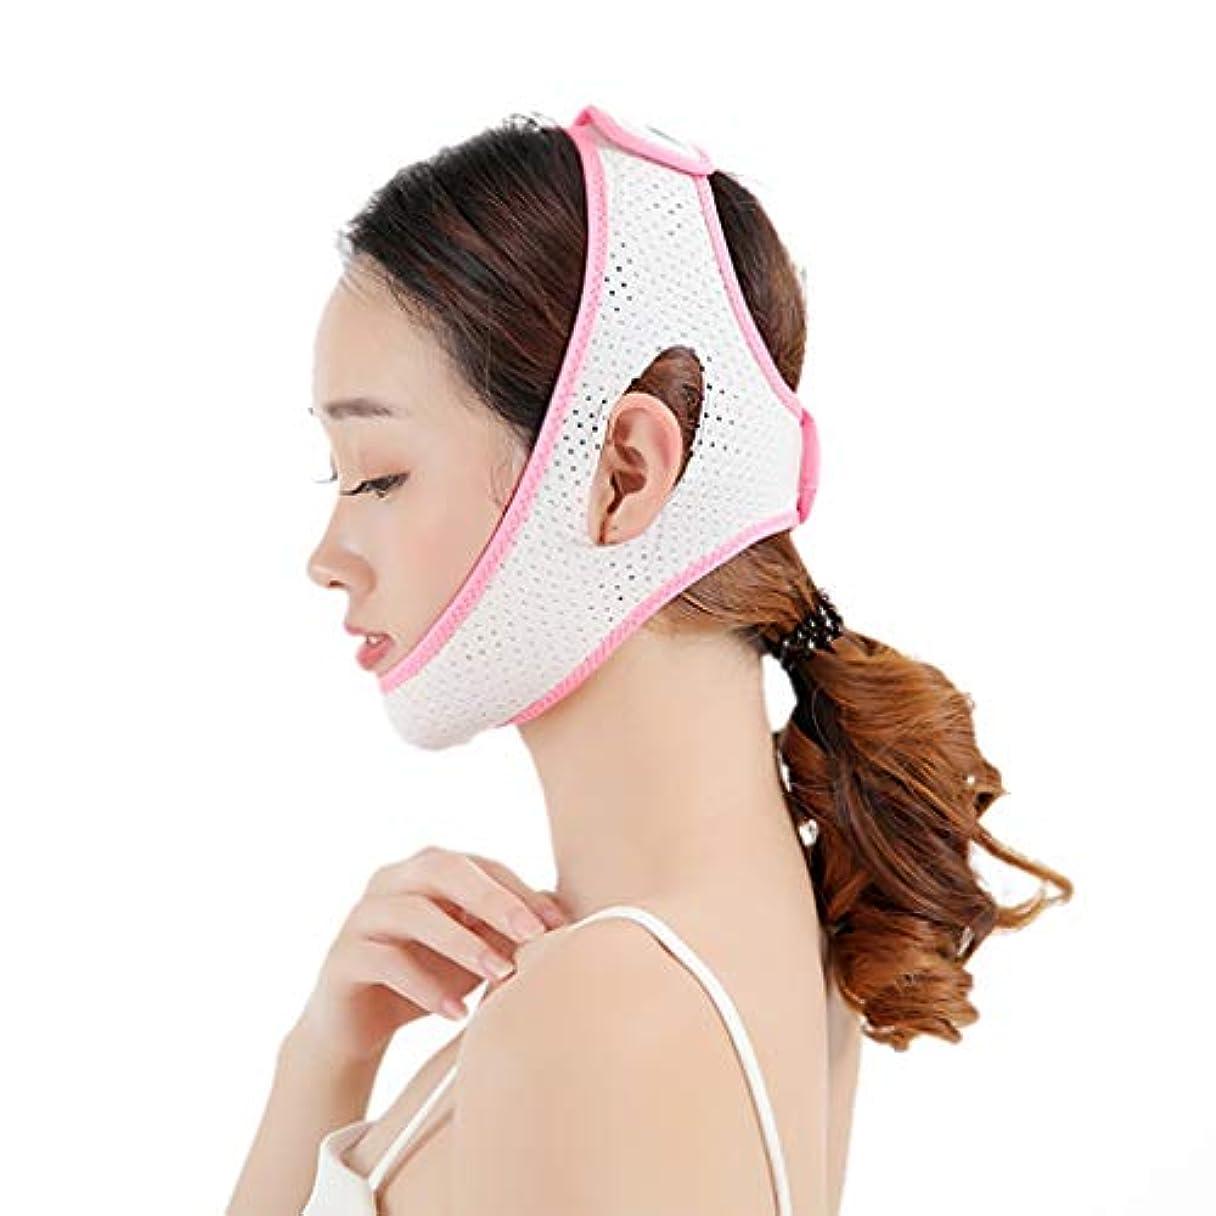 熱意クレデンシャルブートCHSY 薄い顔ベルト、通気性睡眠包帯薄い顔薄い二重あごはアンチリンクルVフェイスアーティファクト補助フェイスベルトを持ち上げ 薄い顔の包帯 (Color : White)